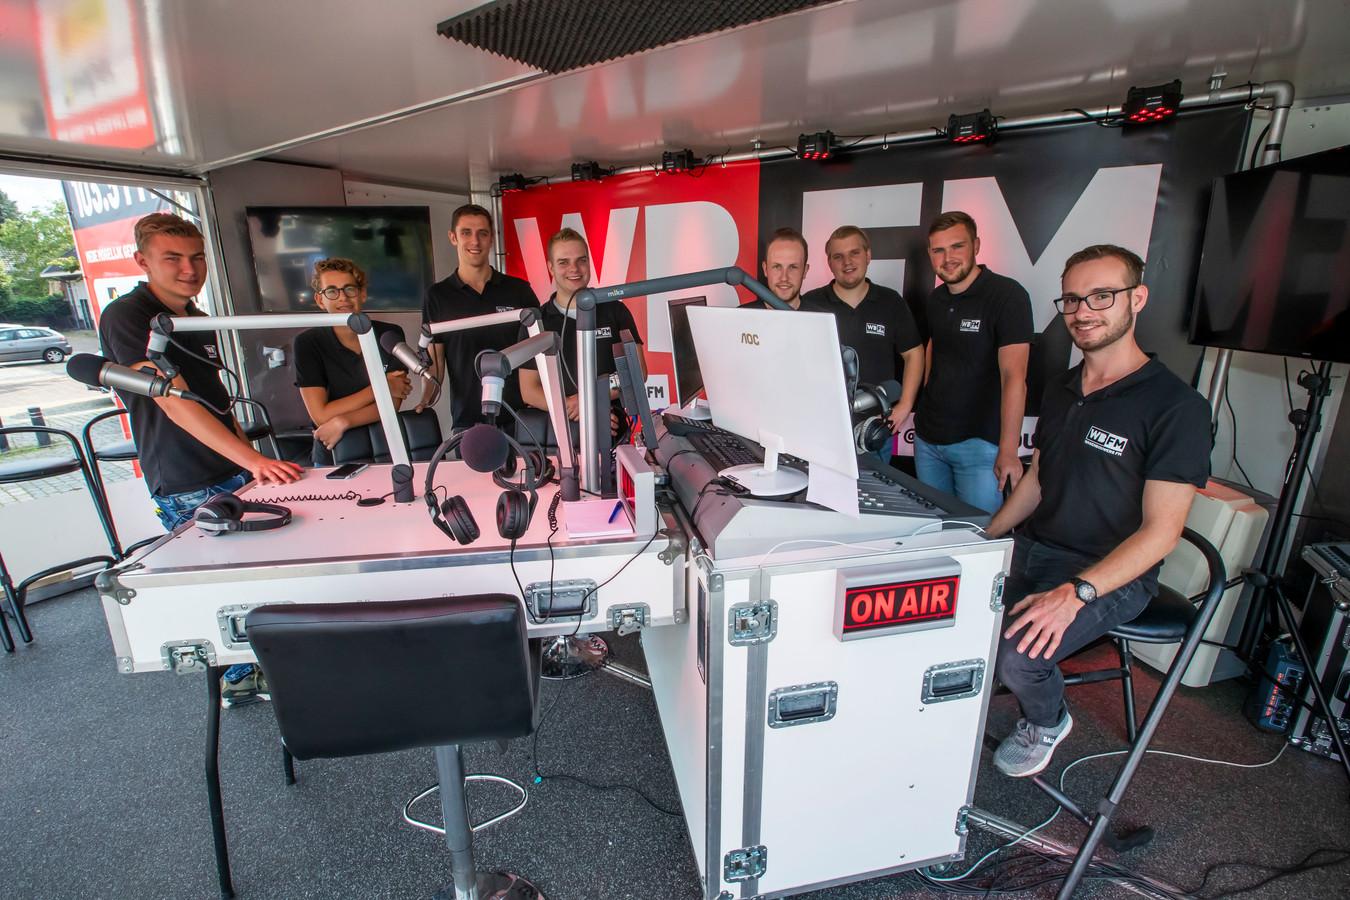 Een week lang maken deze heren van Wagenbouwers FM vanuit een glazen huis muziek voor de wagenbouwers in Heeze.